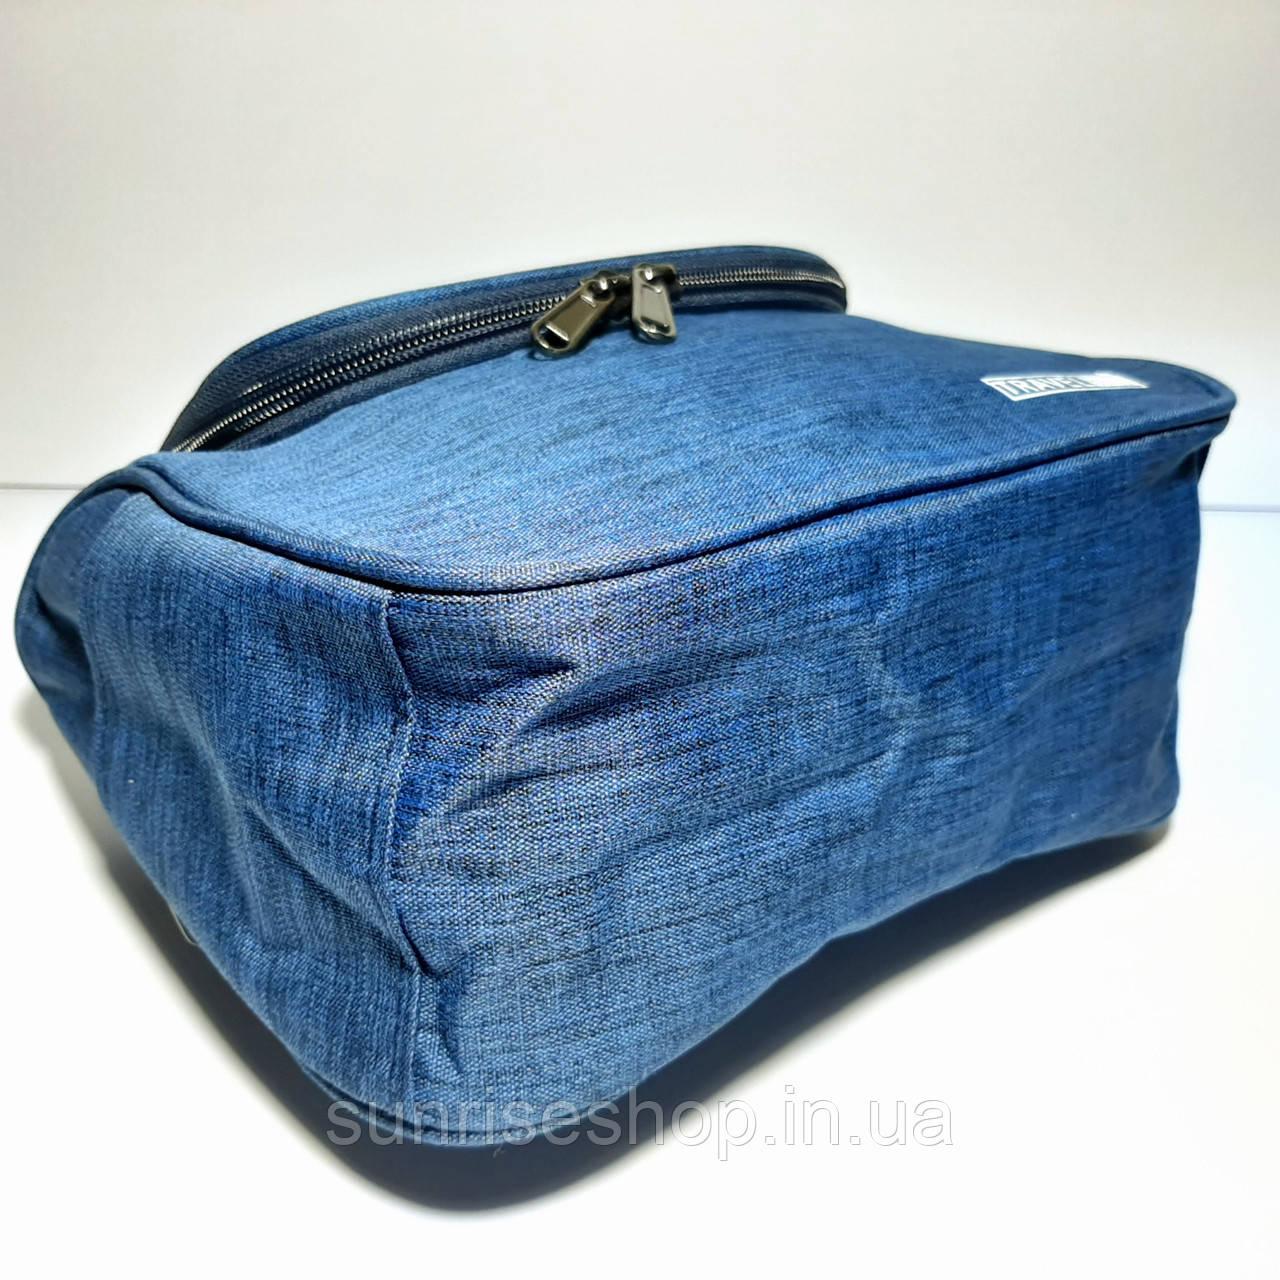 Недорогие косметички сумочки дорожные оптом